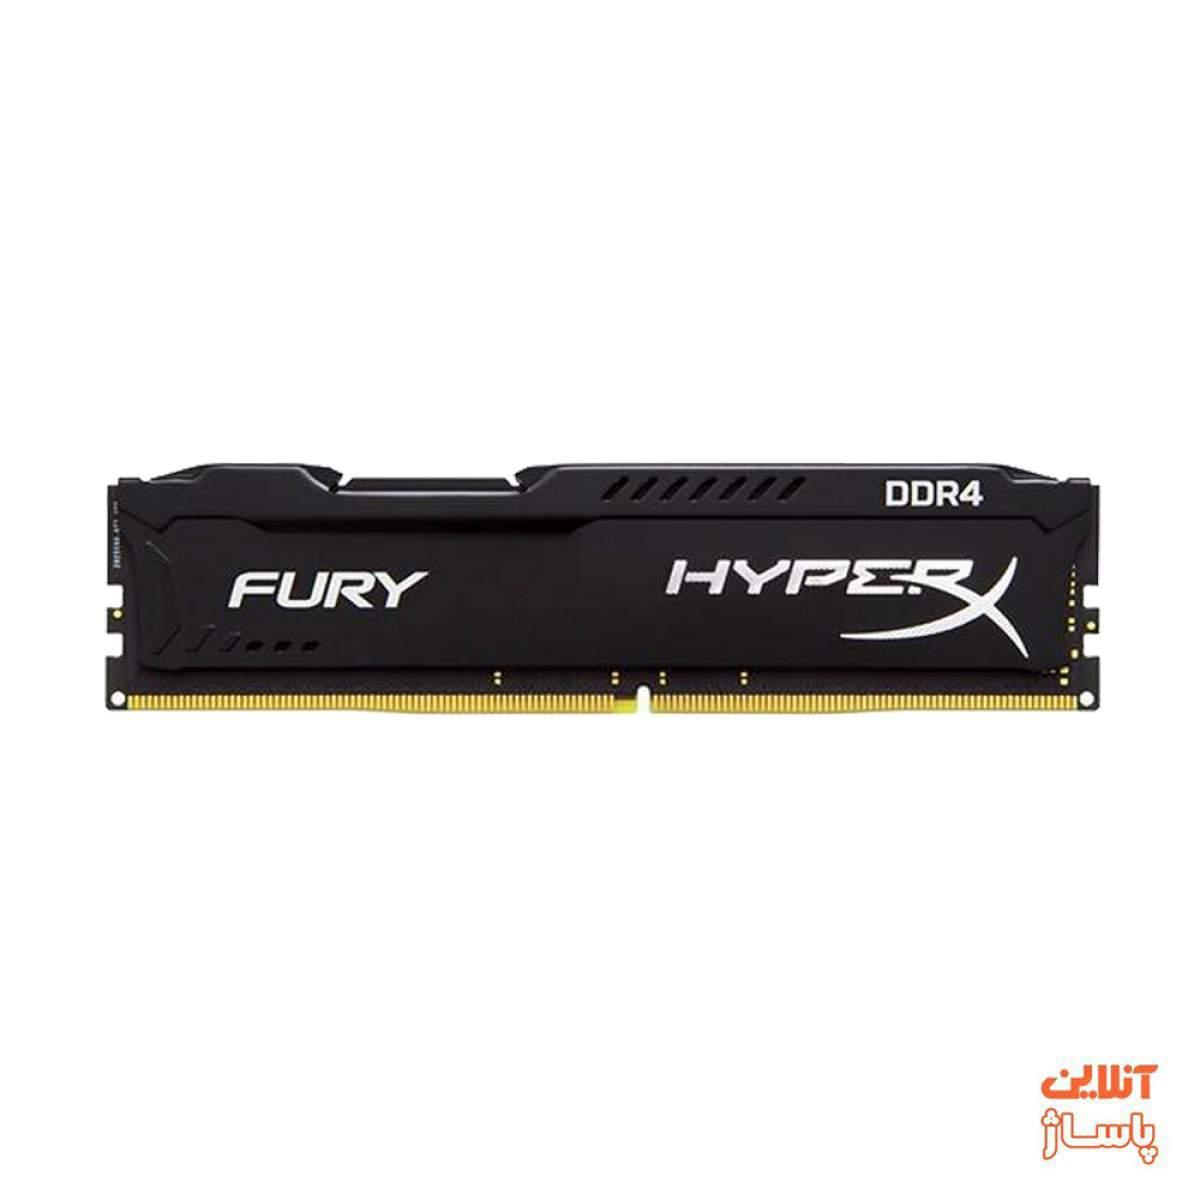 رم کامپیوتر کینگستون مدل HyperX Fury DDR4 2400MHz CL15 ظرفیت 4 گیگابایت